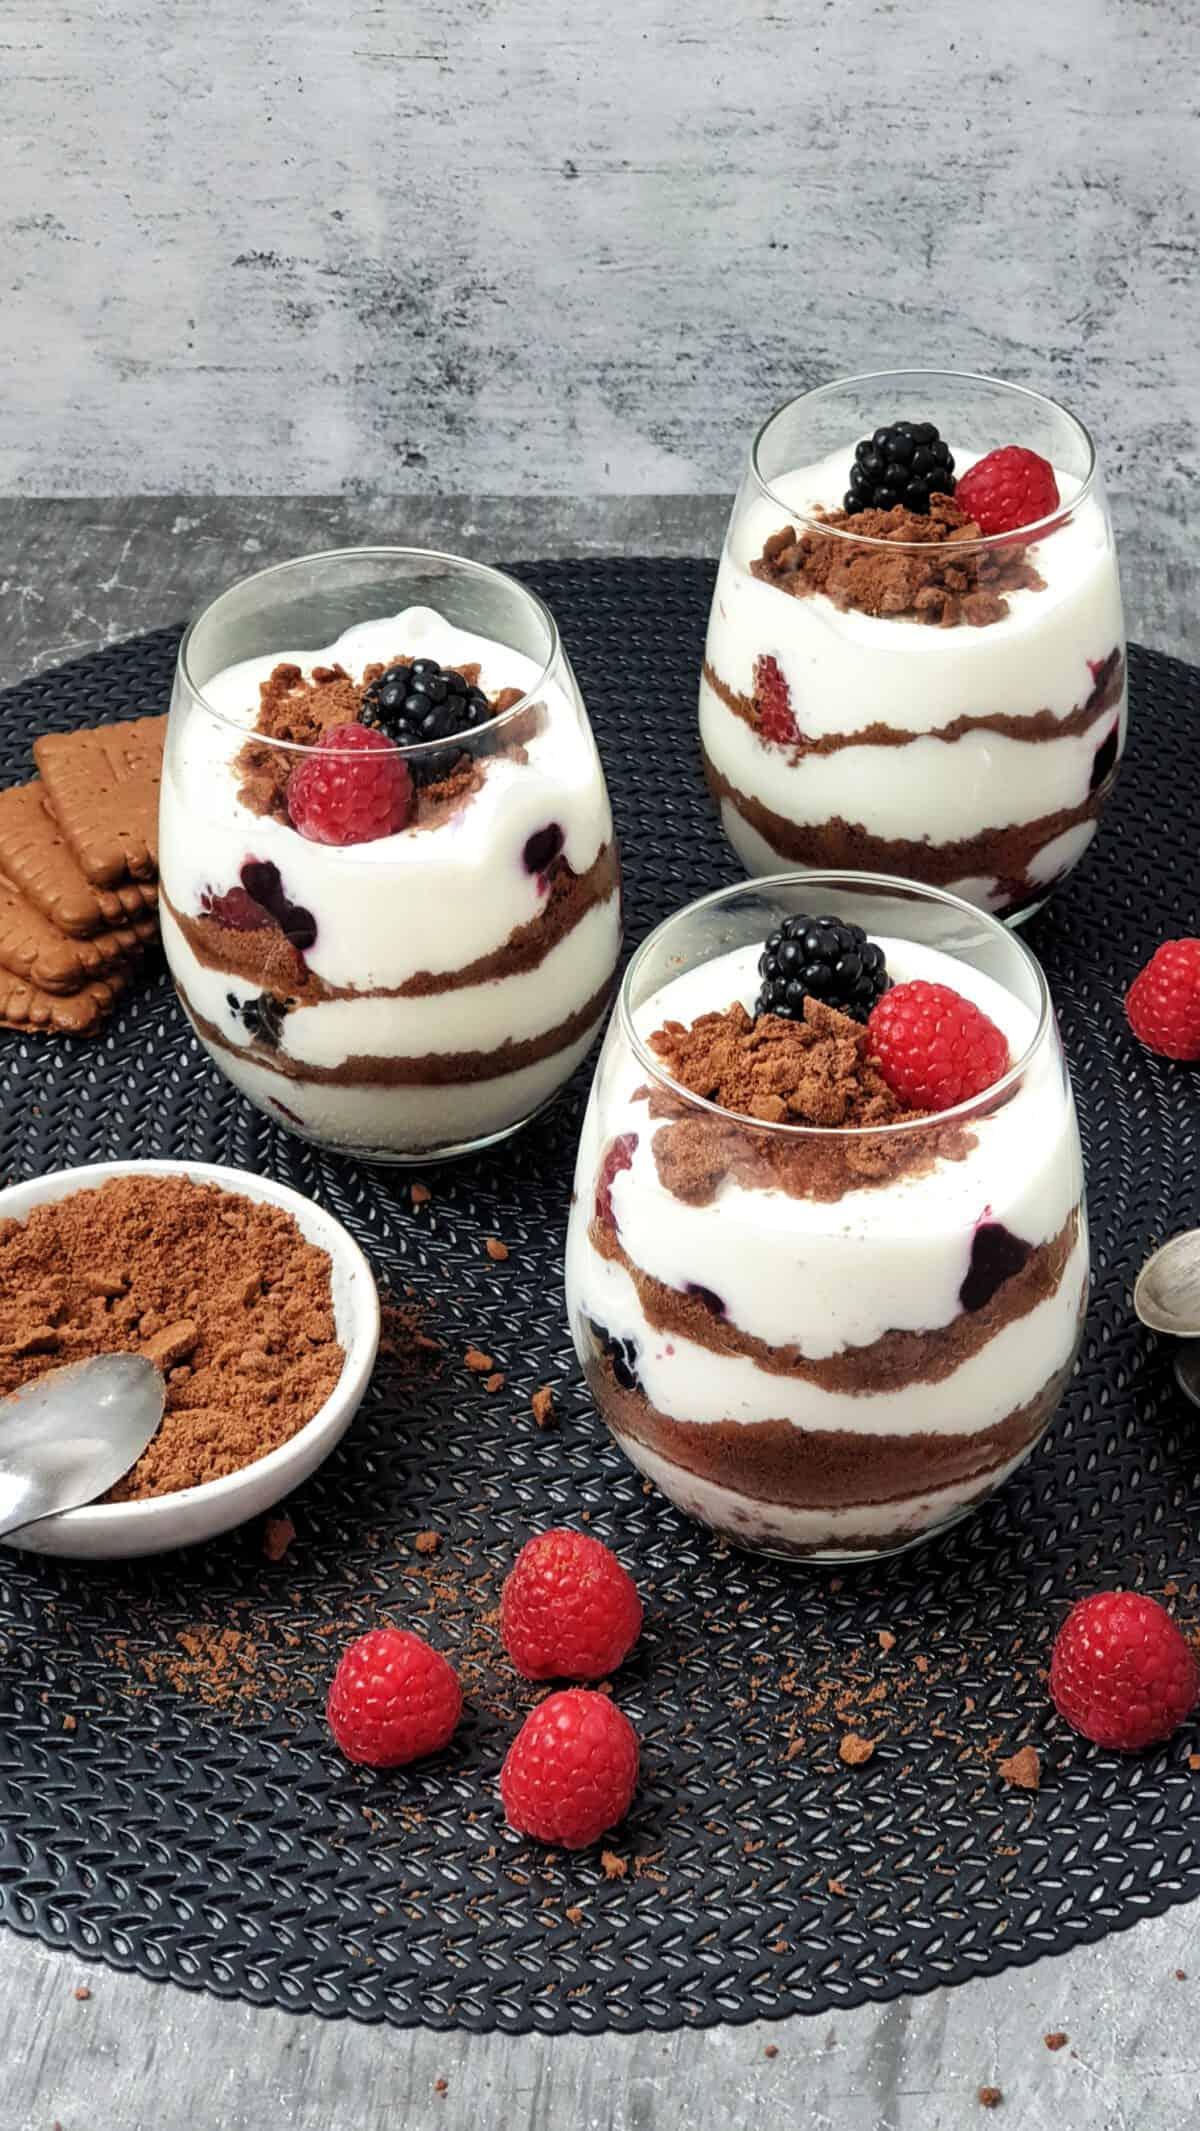 3 Gläser mit Joghurt Dessert und Früchten auf einer schwarzen Unterlage. Daneben Deko.